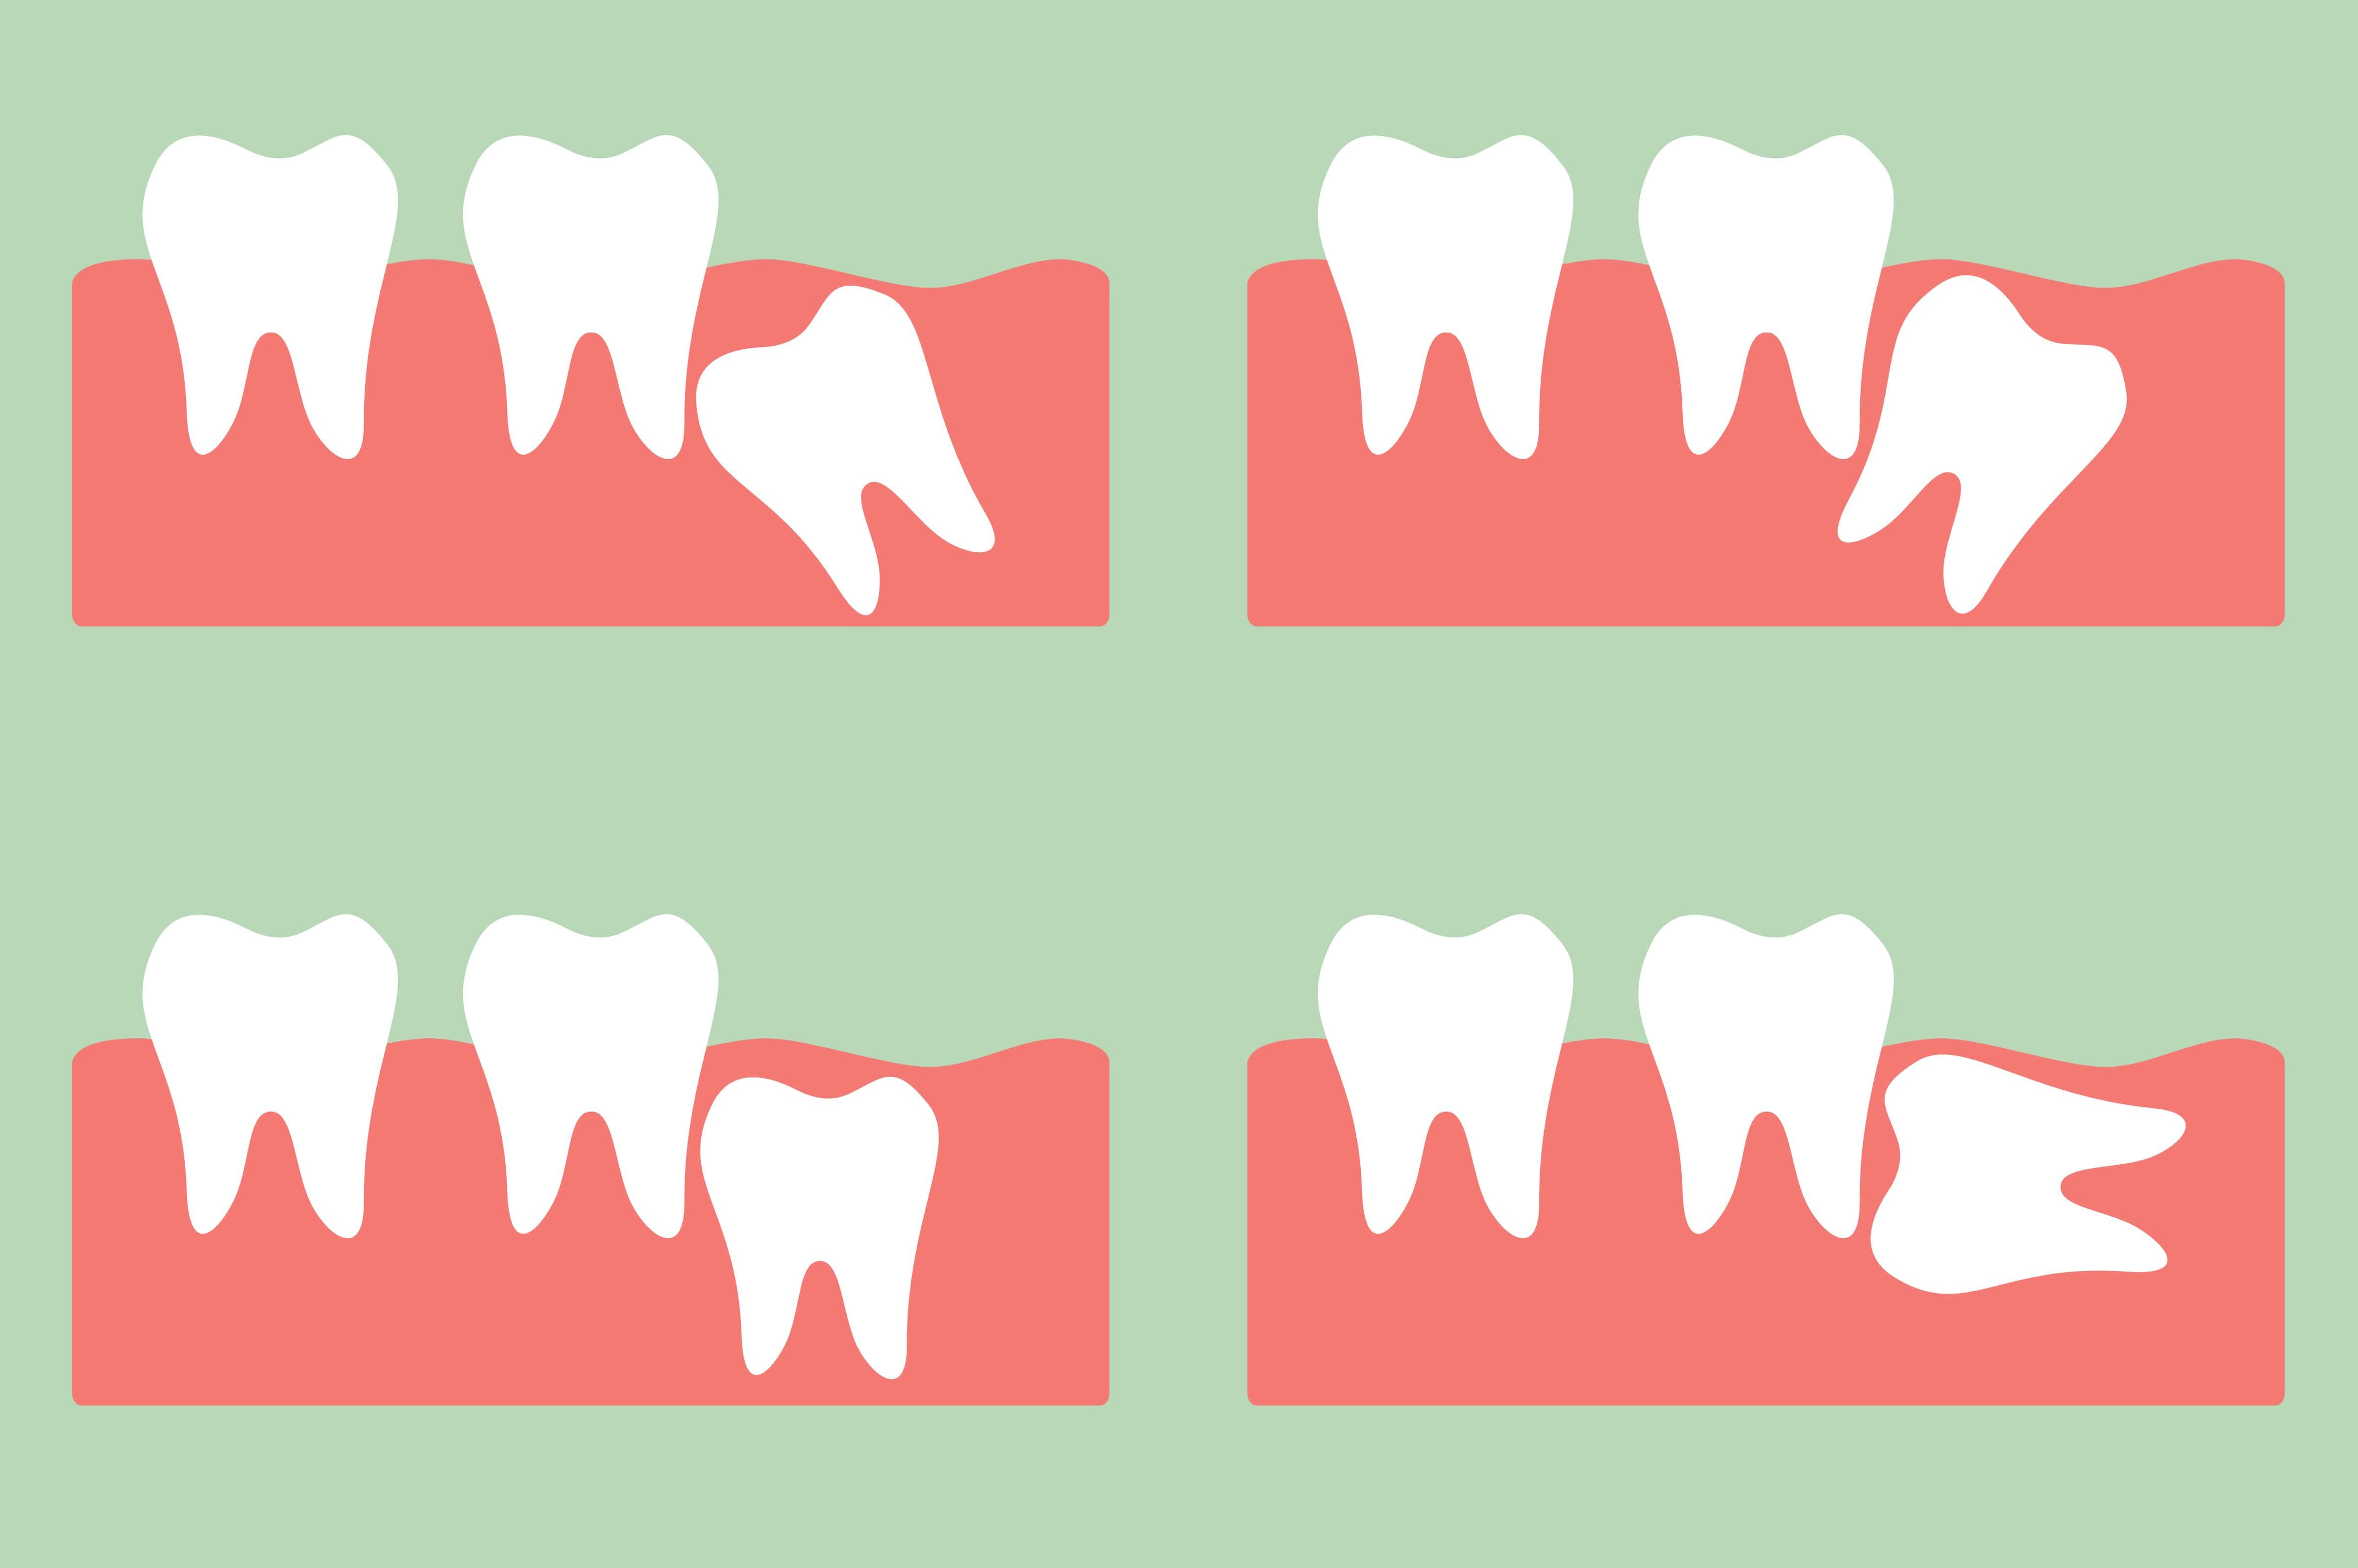 cirurgia para arrancar dente siso